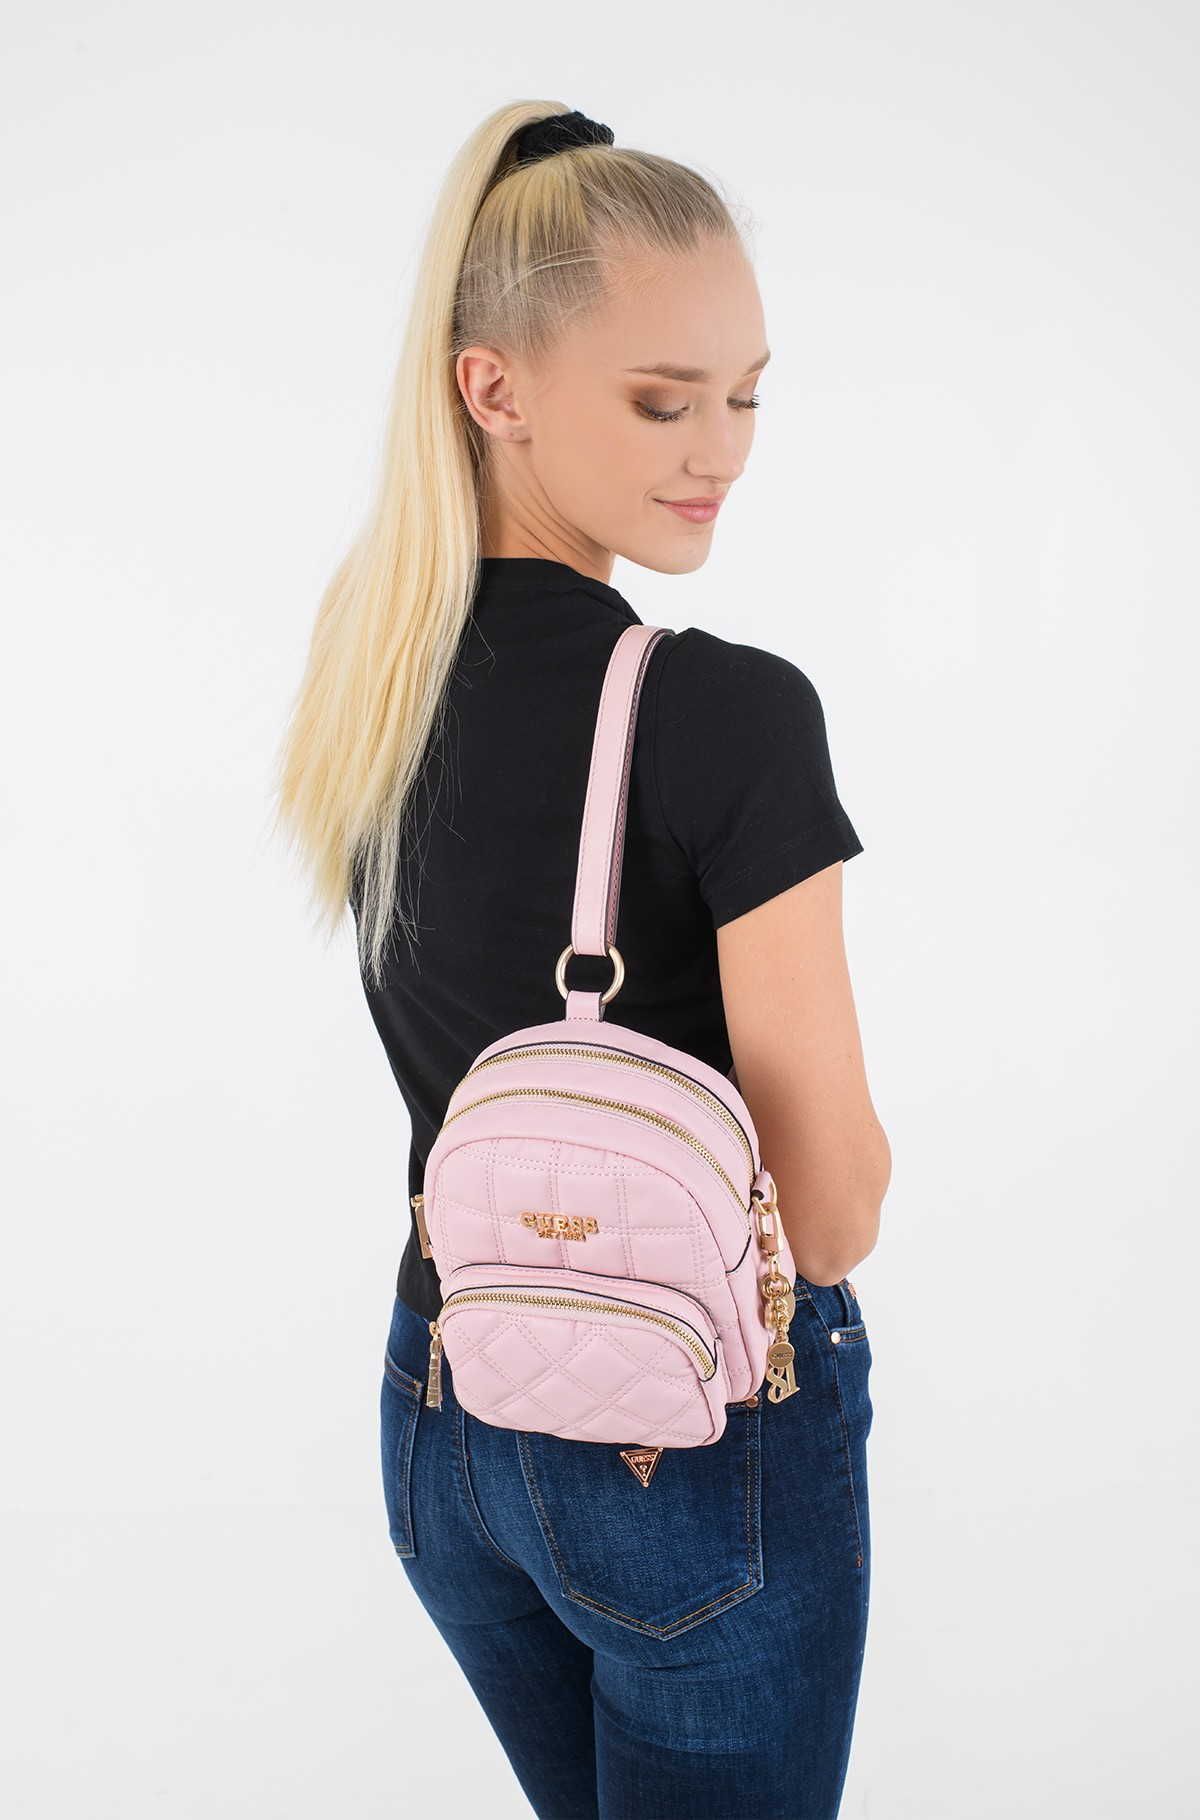 Backbag HWVS81 11310-full-1